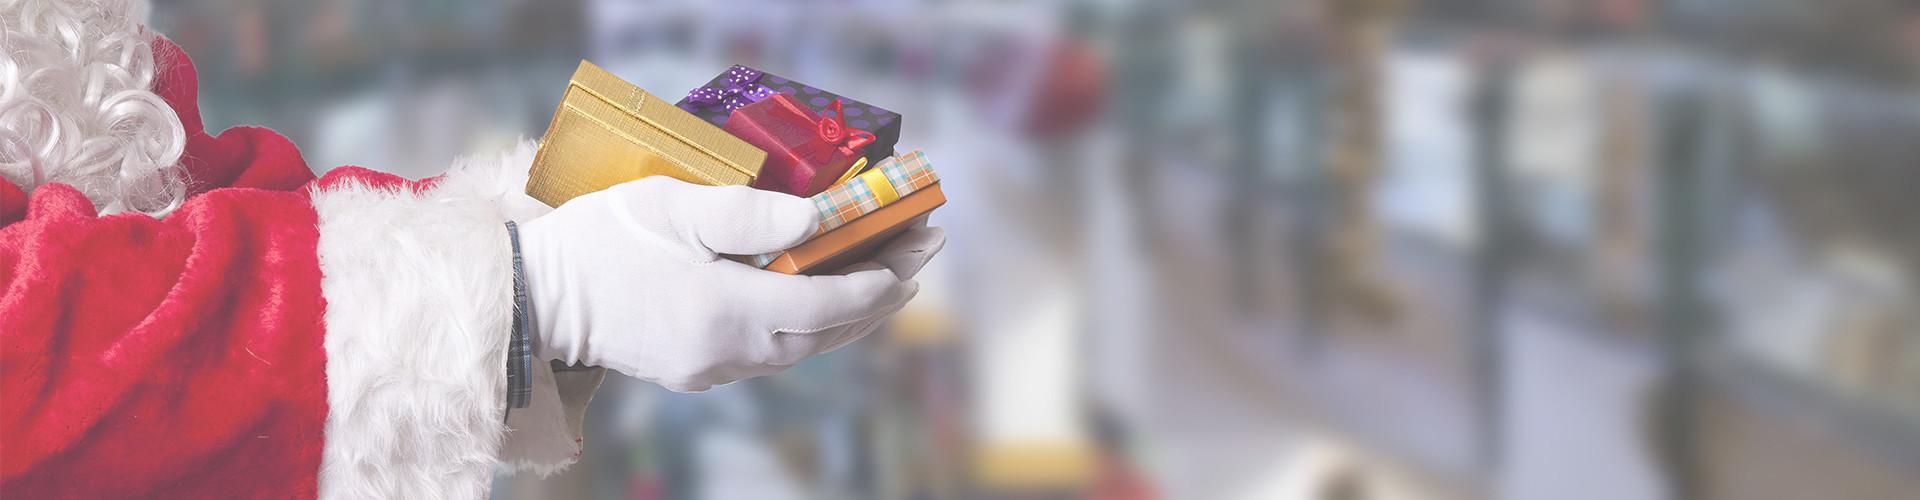 Weihnachtsmann überreicht Geschenke © carballo , stock.adobe.com